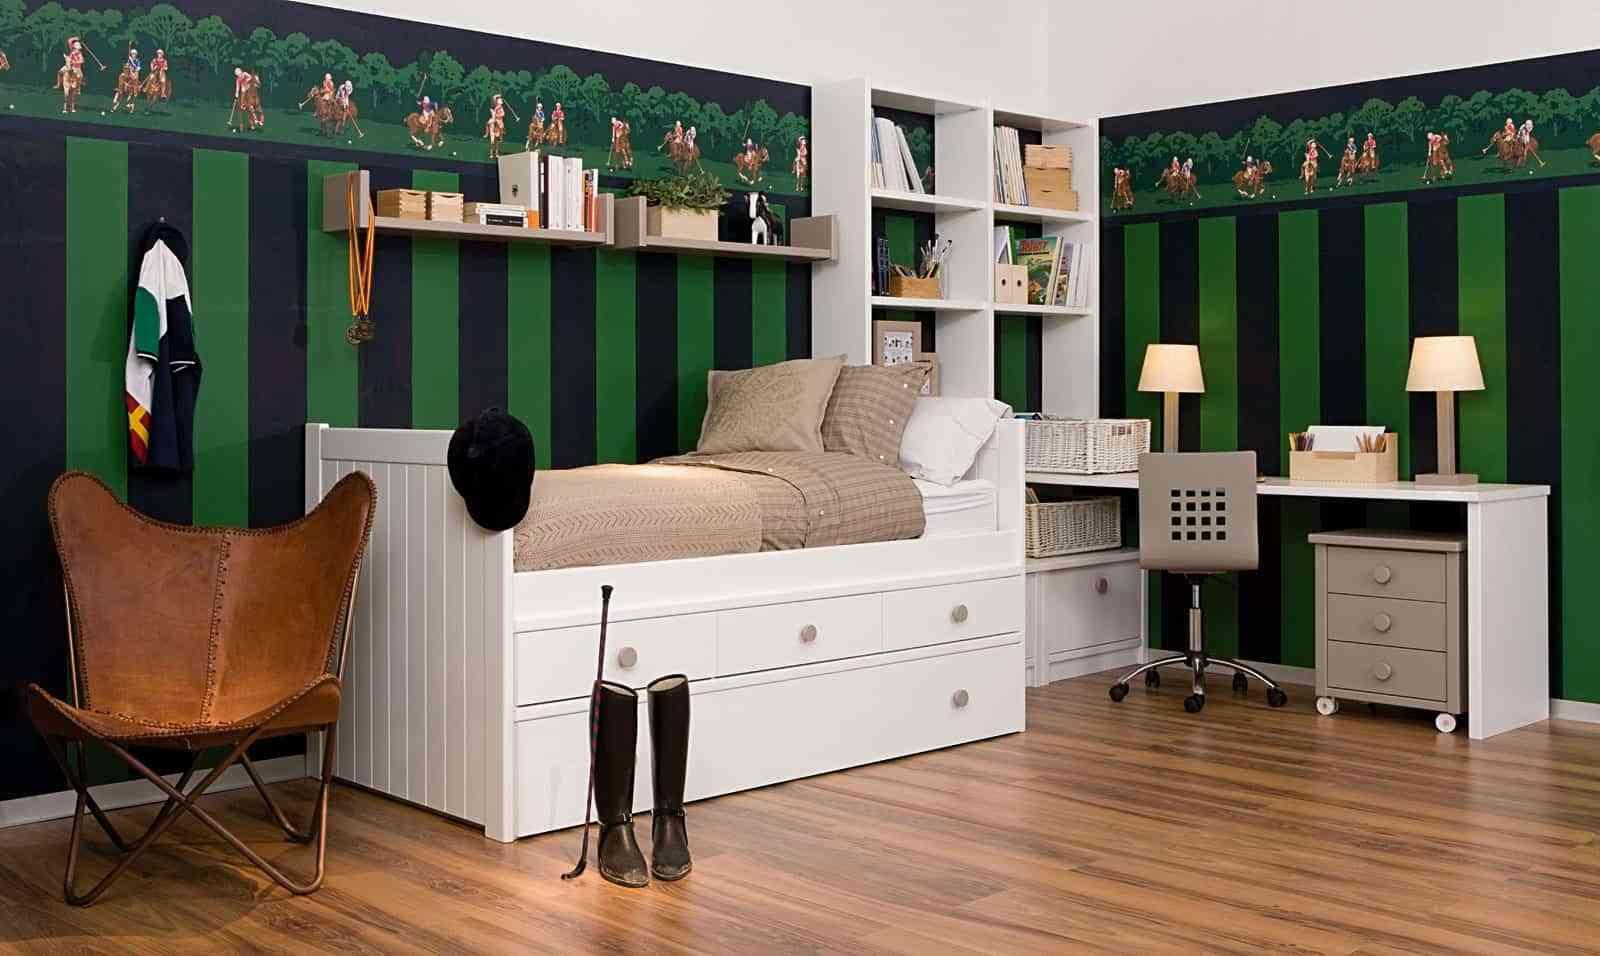 Dormitorios Juveniles De Diseno Moderno A Los Que No Podra - Diseo-dormitorios-juveniles